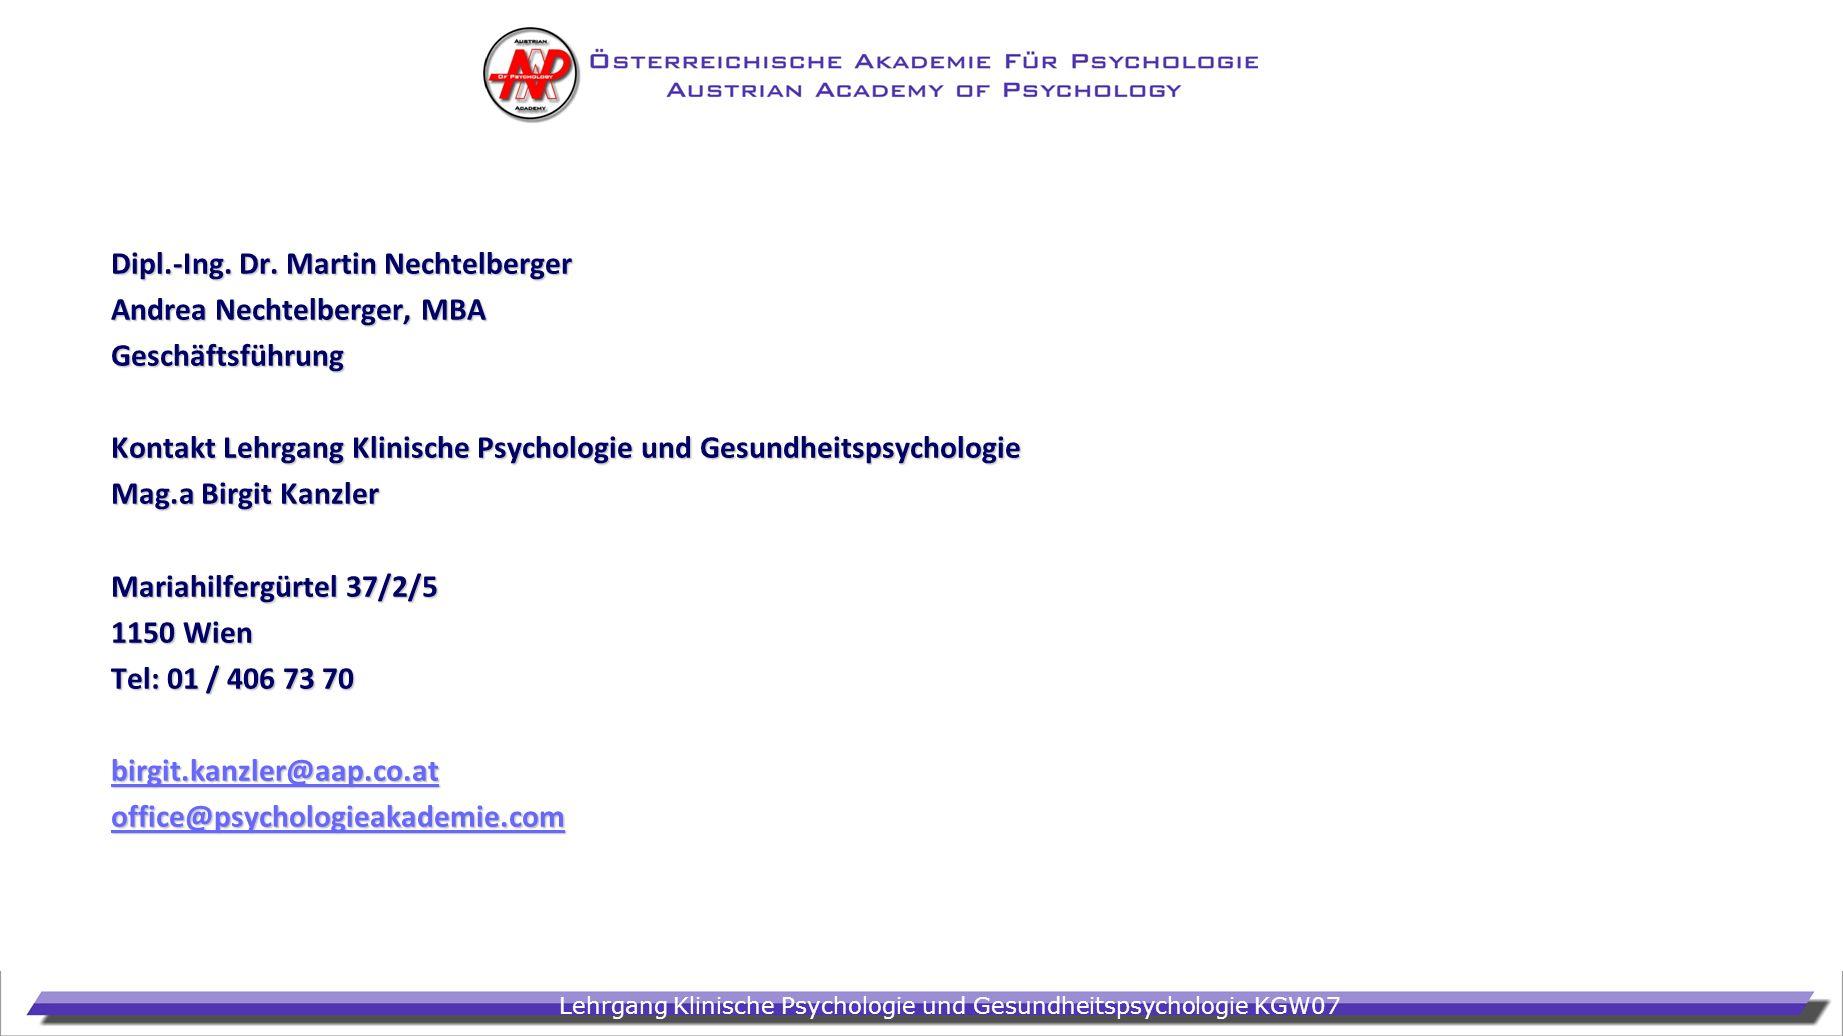 Lehrgang Klinische Psychologie und Gesundheitspsychologie KGW07 Dipl.-Ing. Dr. Martin Nechtelberger Andrea Nechtelberger, MBA Geschäftsführung Kontakt